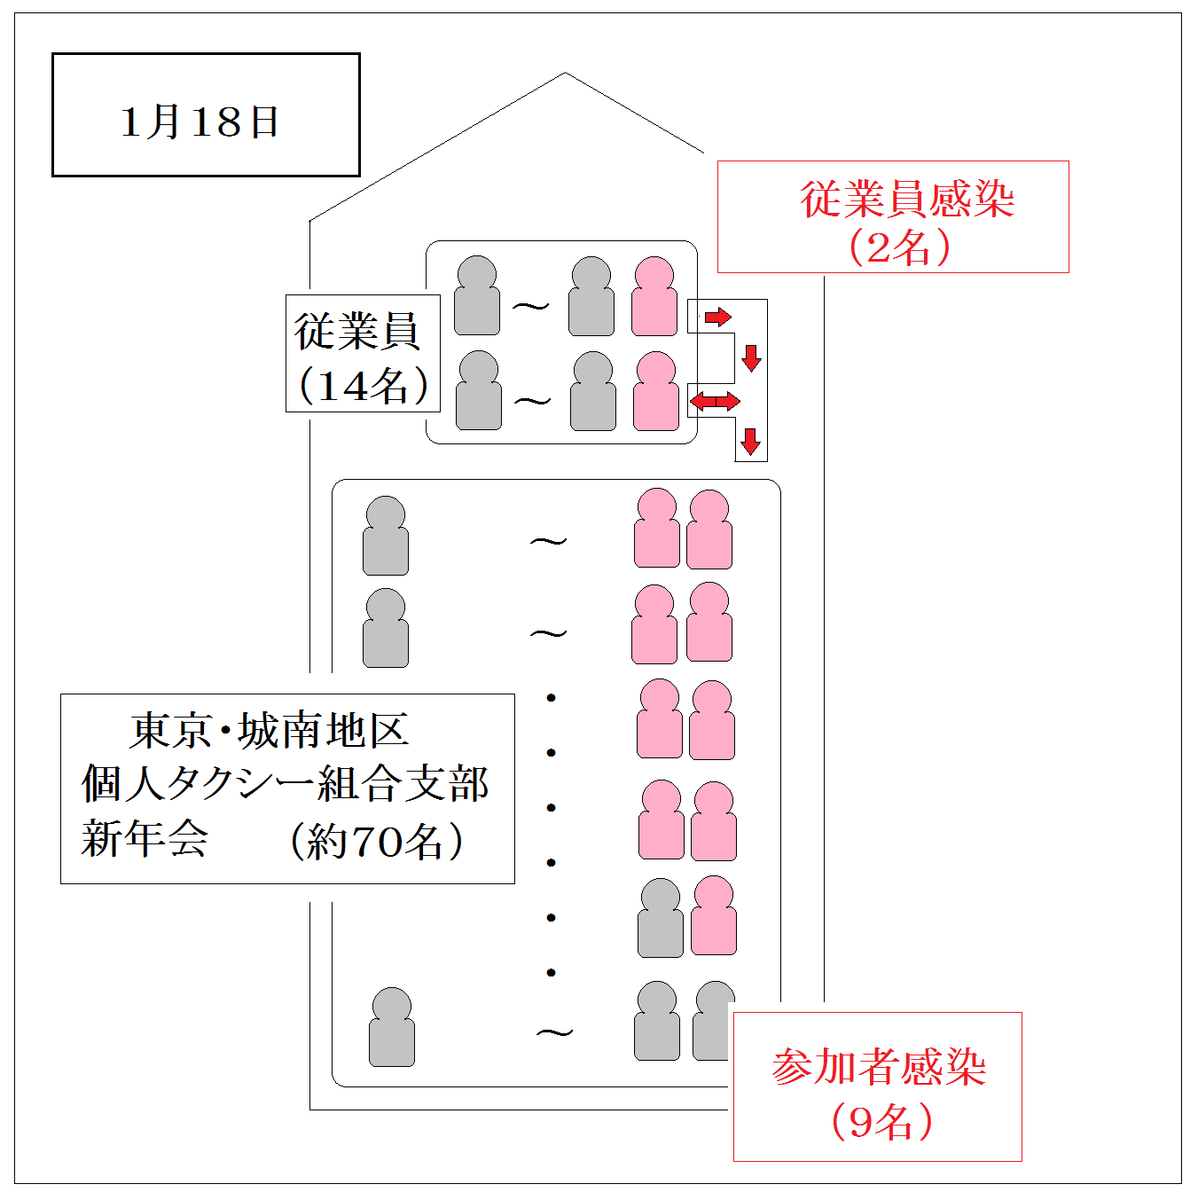 f:id:kibashiri:20200217104424p:plain